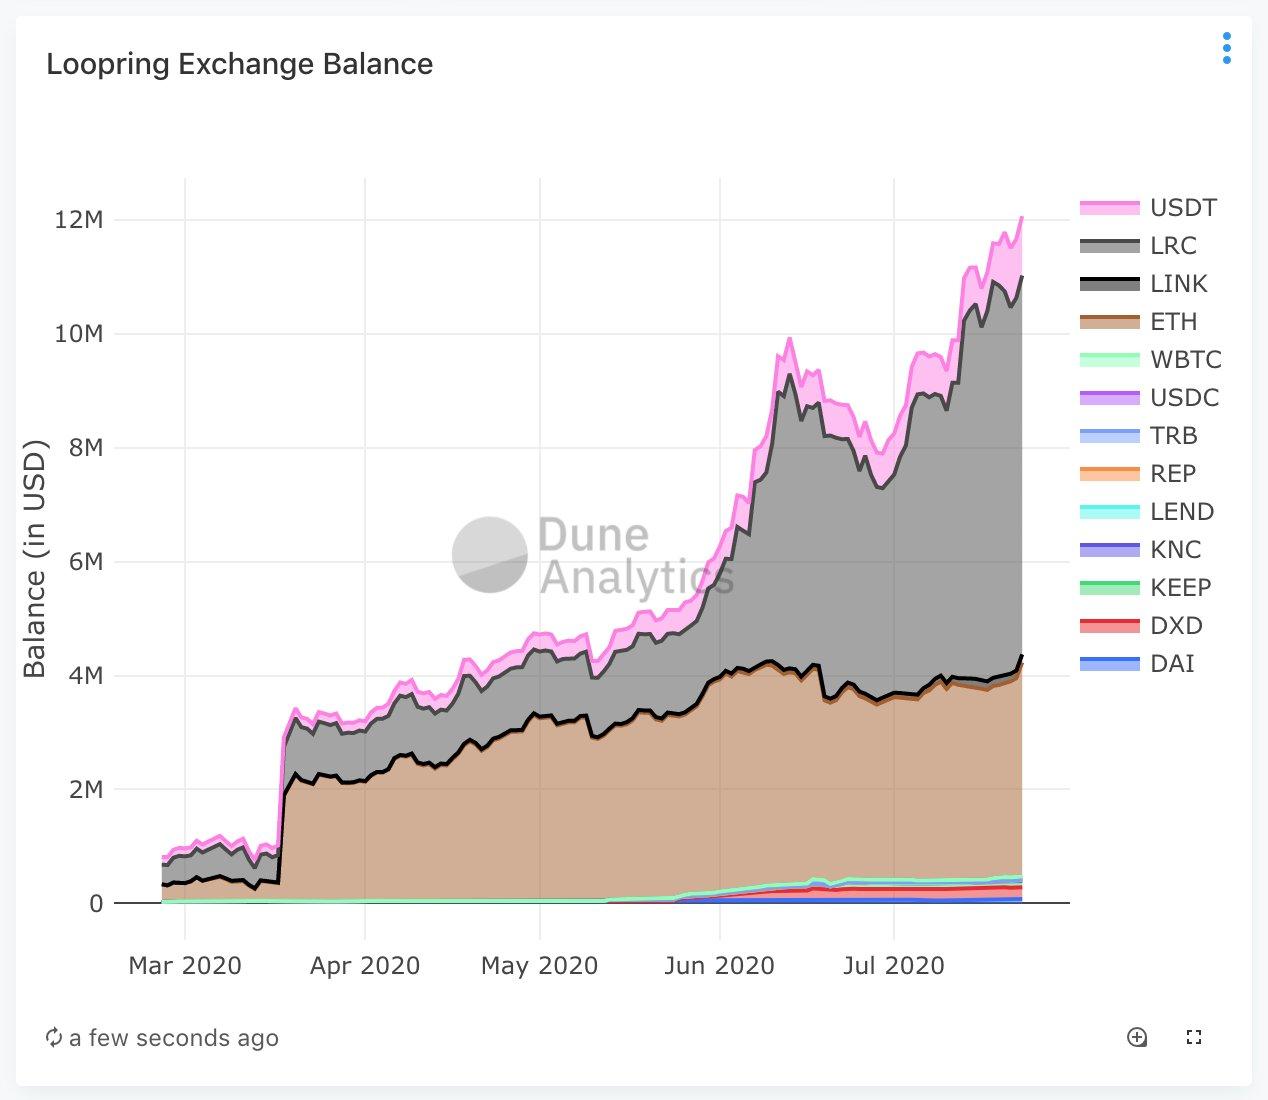 CryptoMode Loopring Exchange Balance